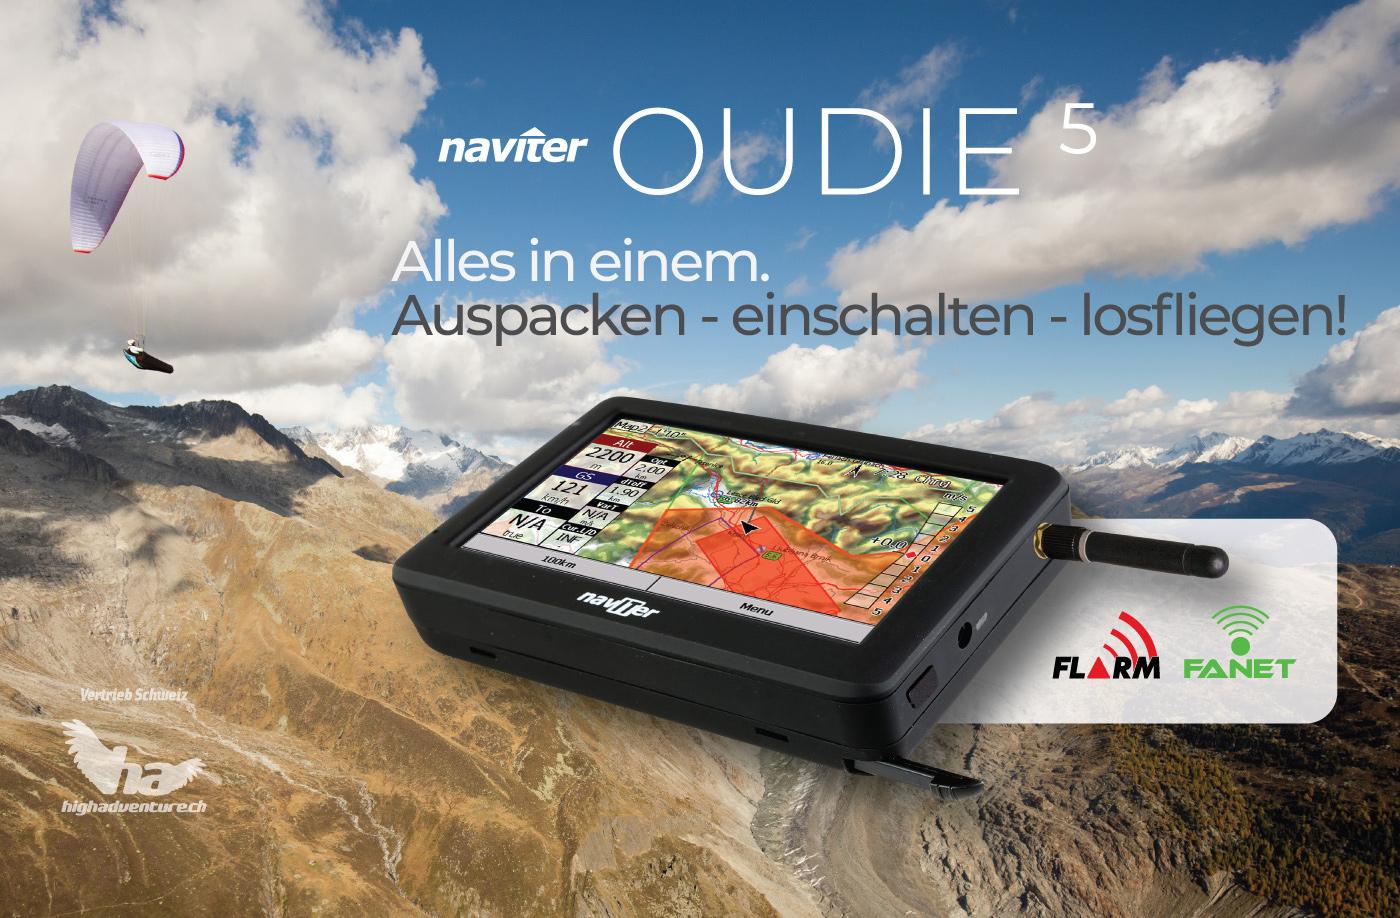 Naviter Oudie 5 - Flarm/Fanet